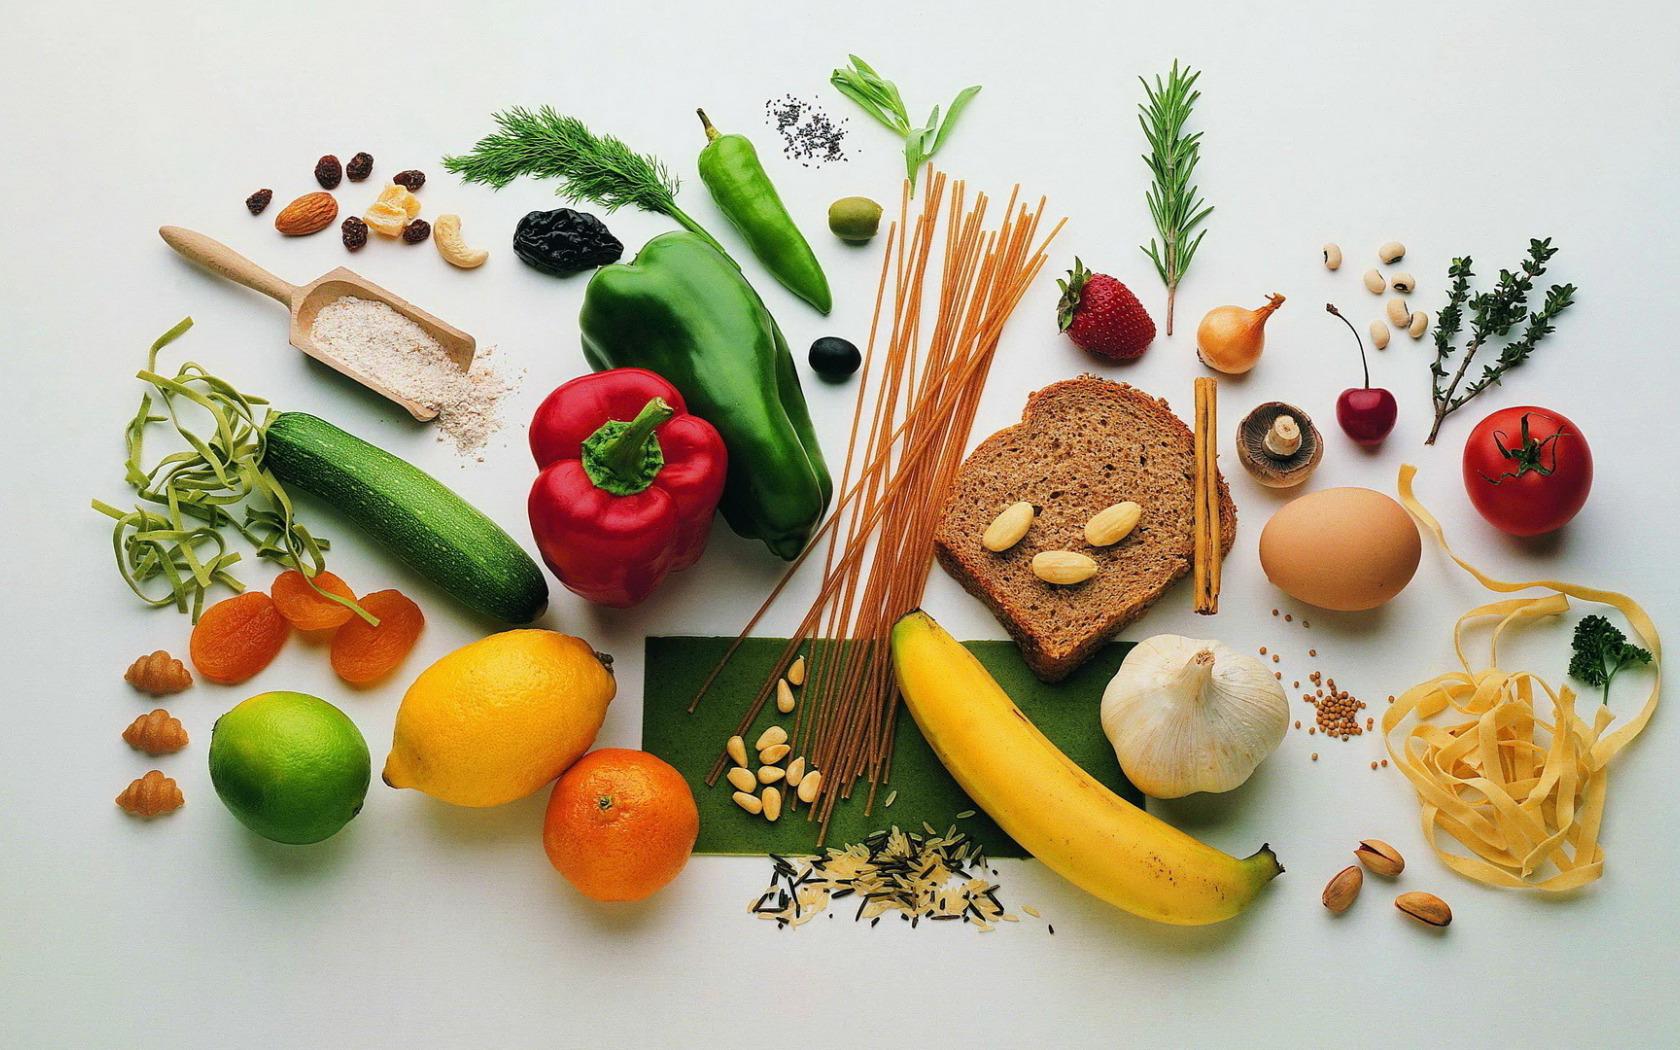 Кремлевская диета для похудения, этапы, рецепты, таблица